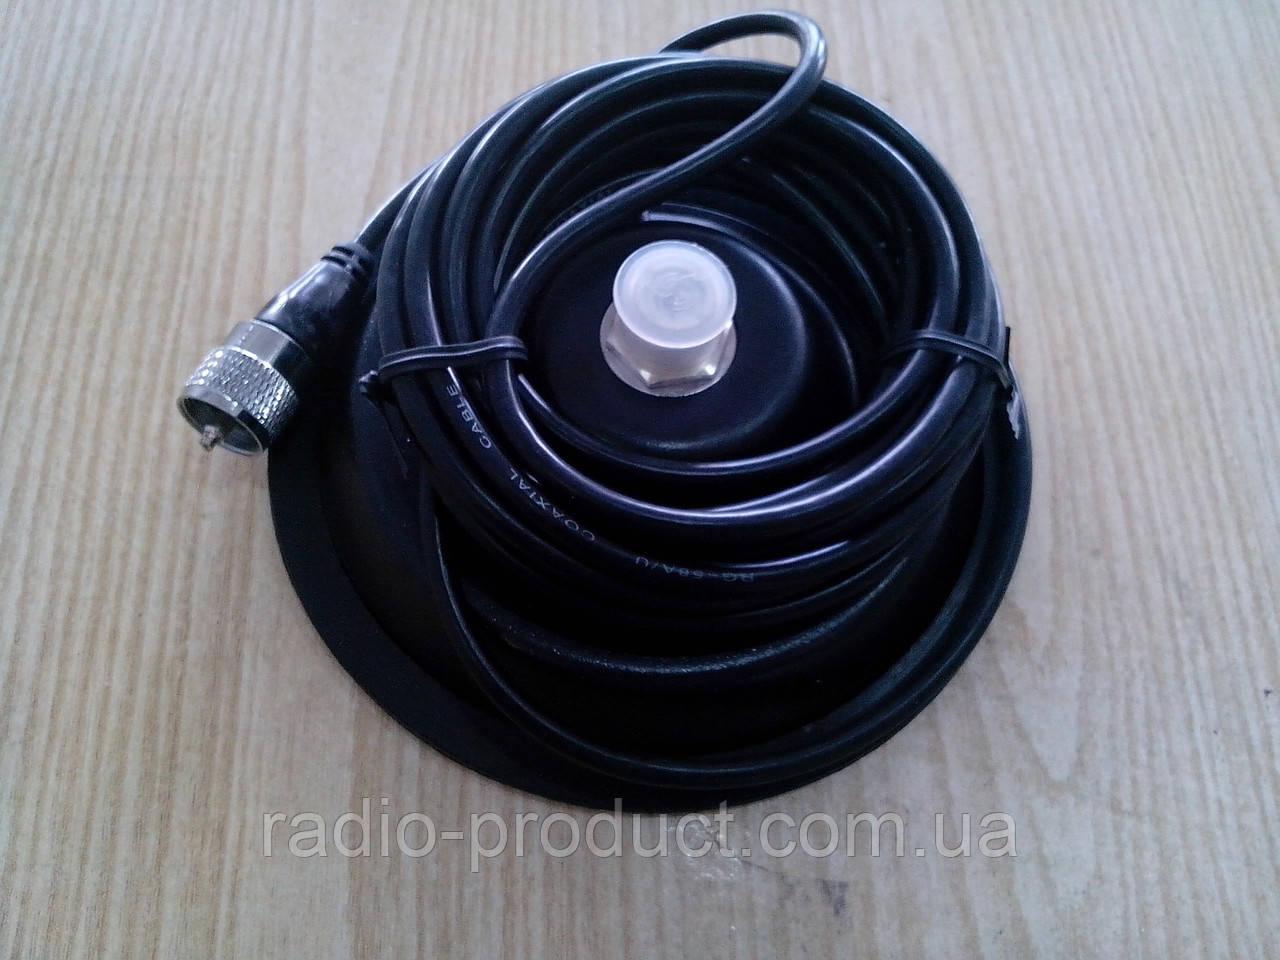 Магнитное основание под антенну, 150 мм, с кабелем